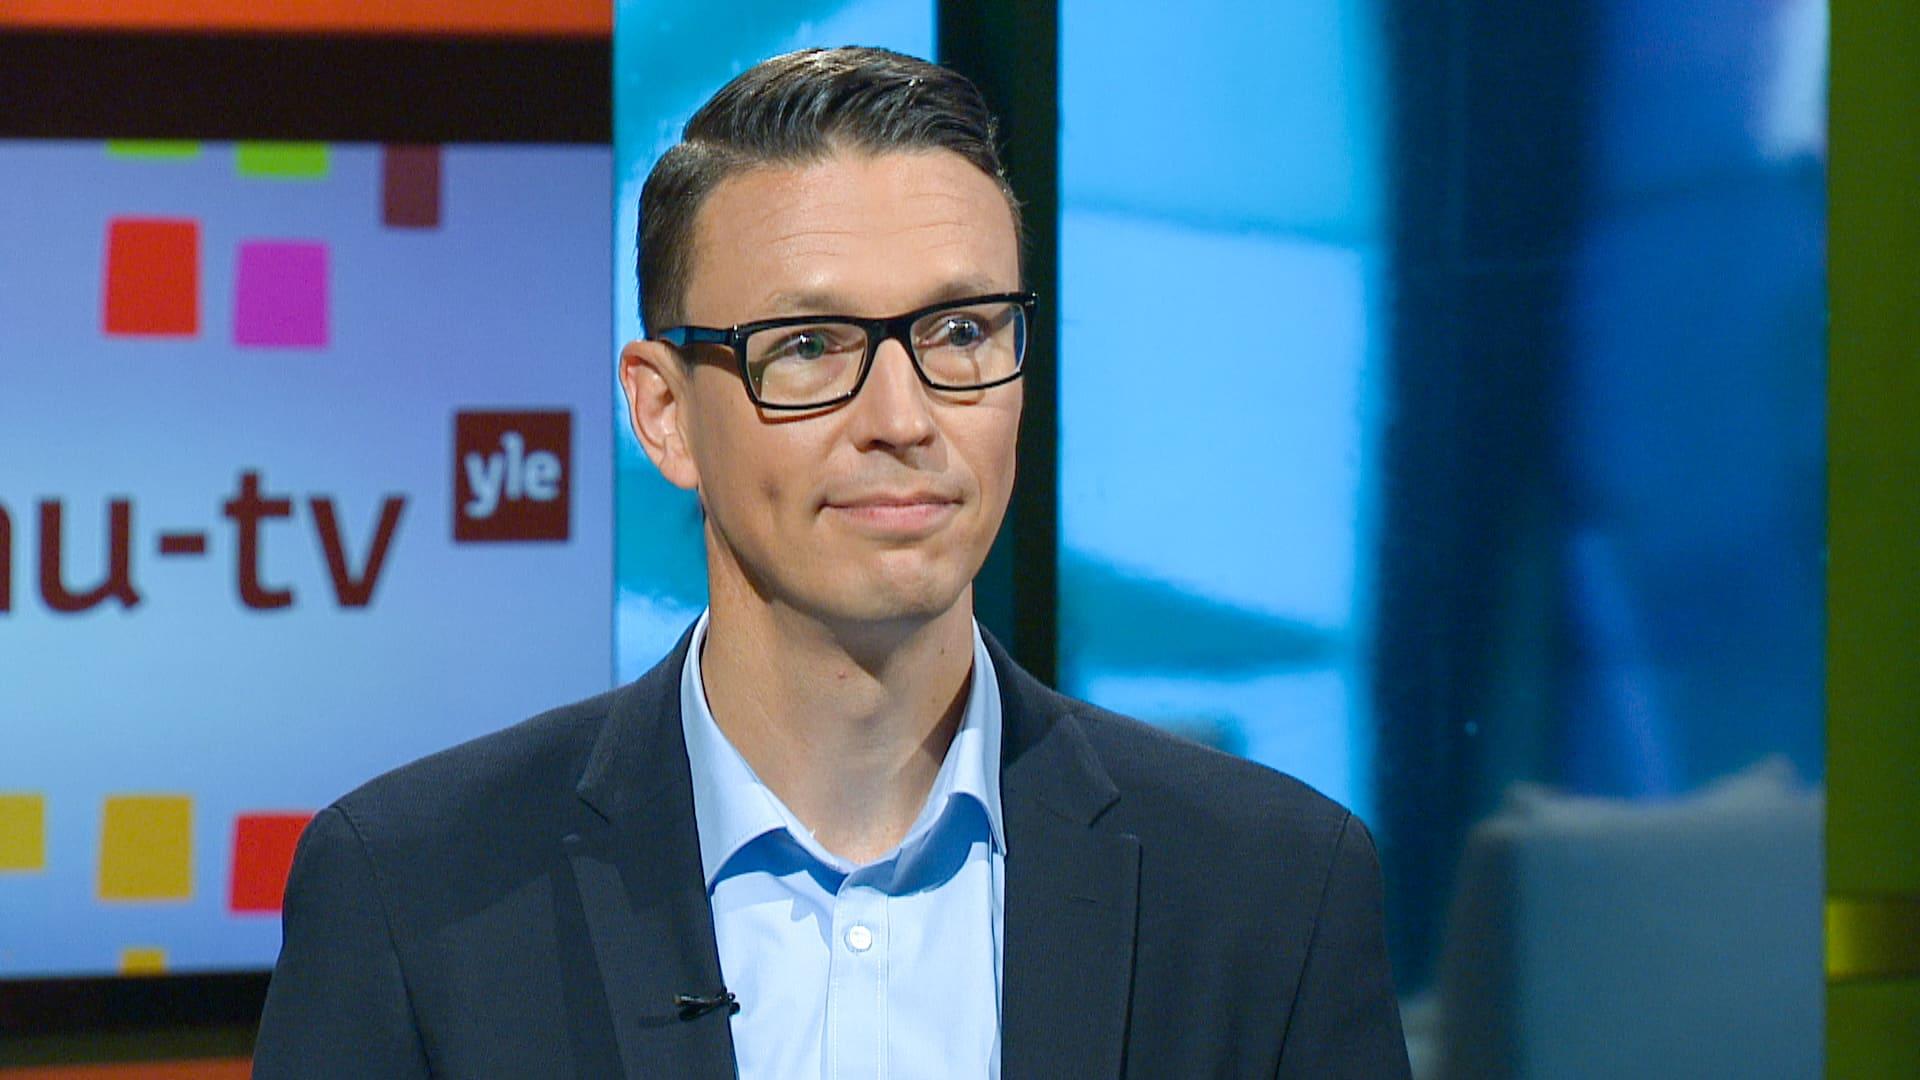 Juho Sinkkonen